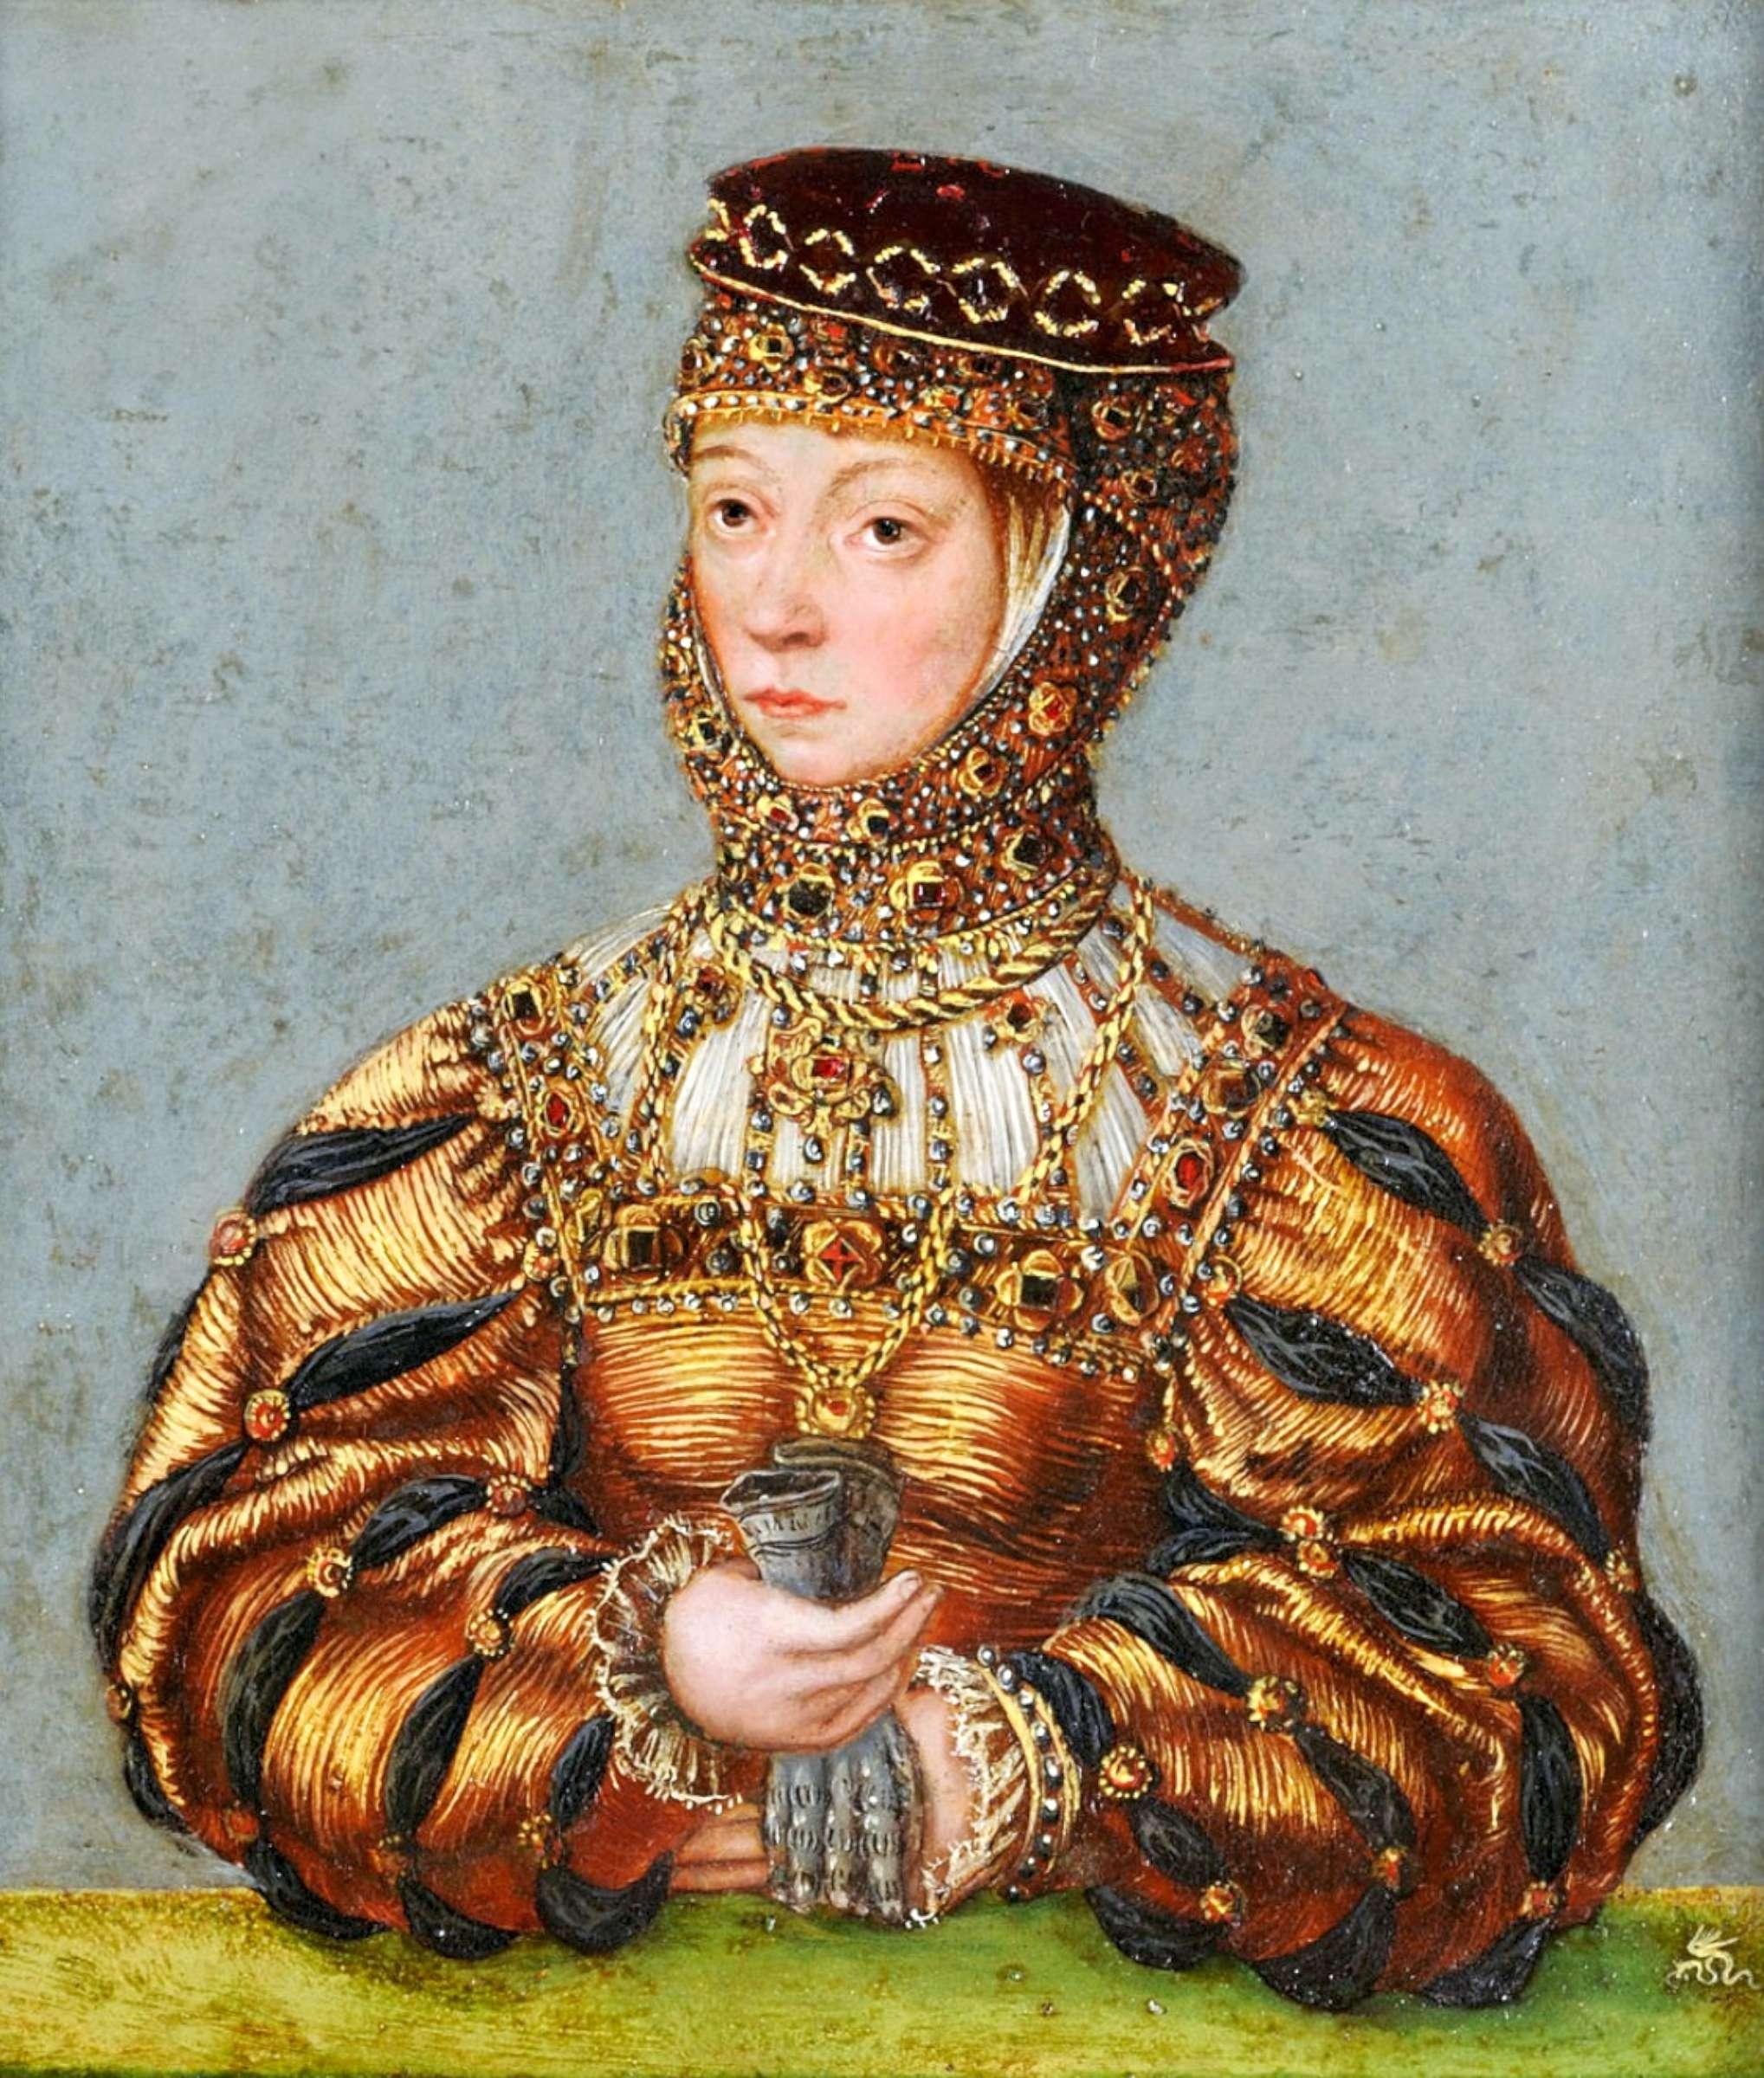 Barbora Radvilaitė | Čartoriskių muziejus, Luko Kranacho Jaunesniojo, apie 1553 m. paveikslas